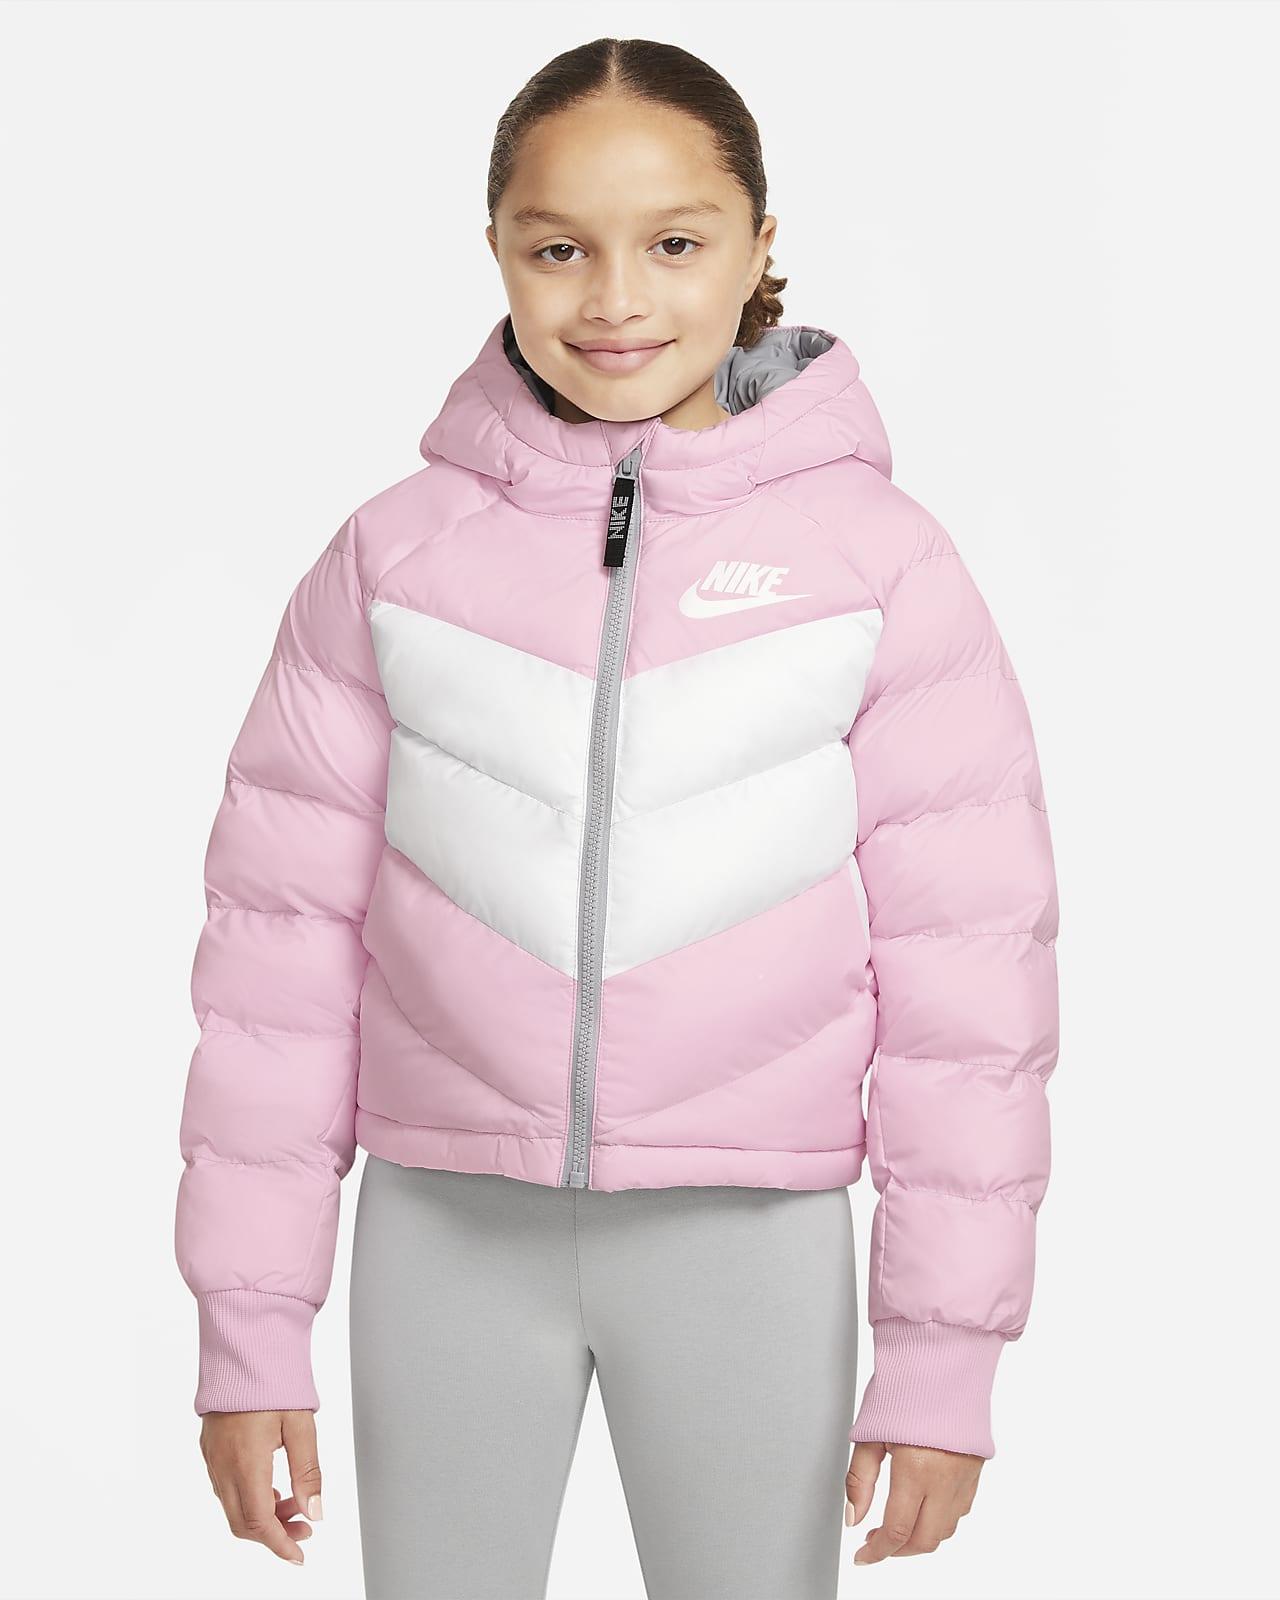 Nike Sportswear Chaqueta con capucha con relleno sintético - Niña